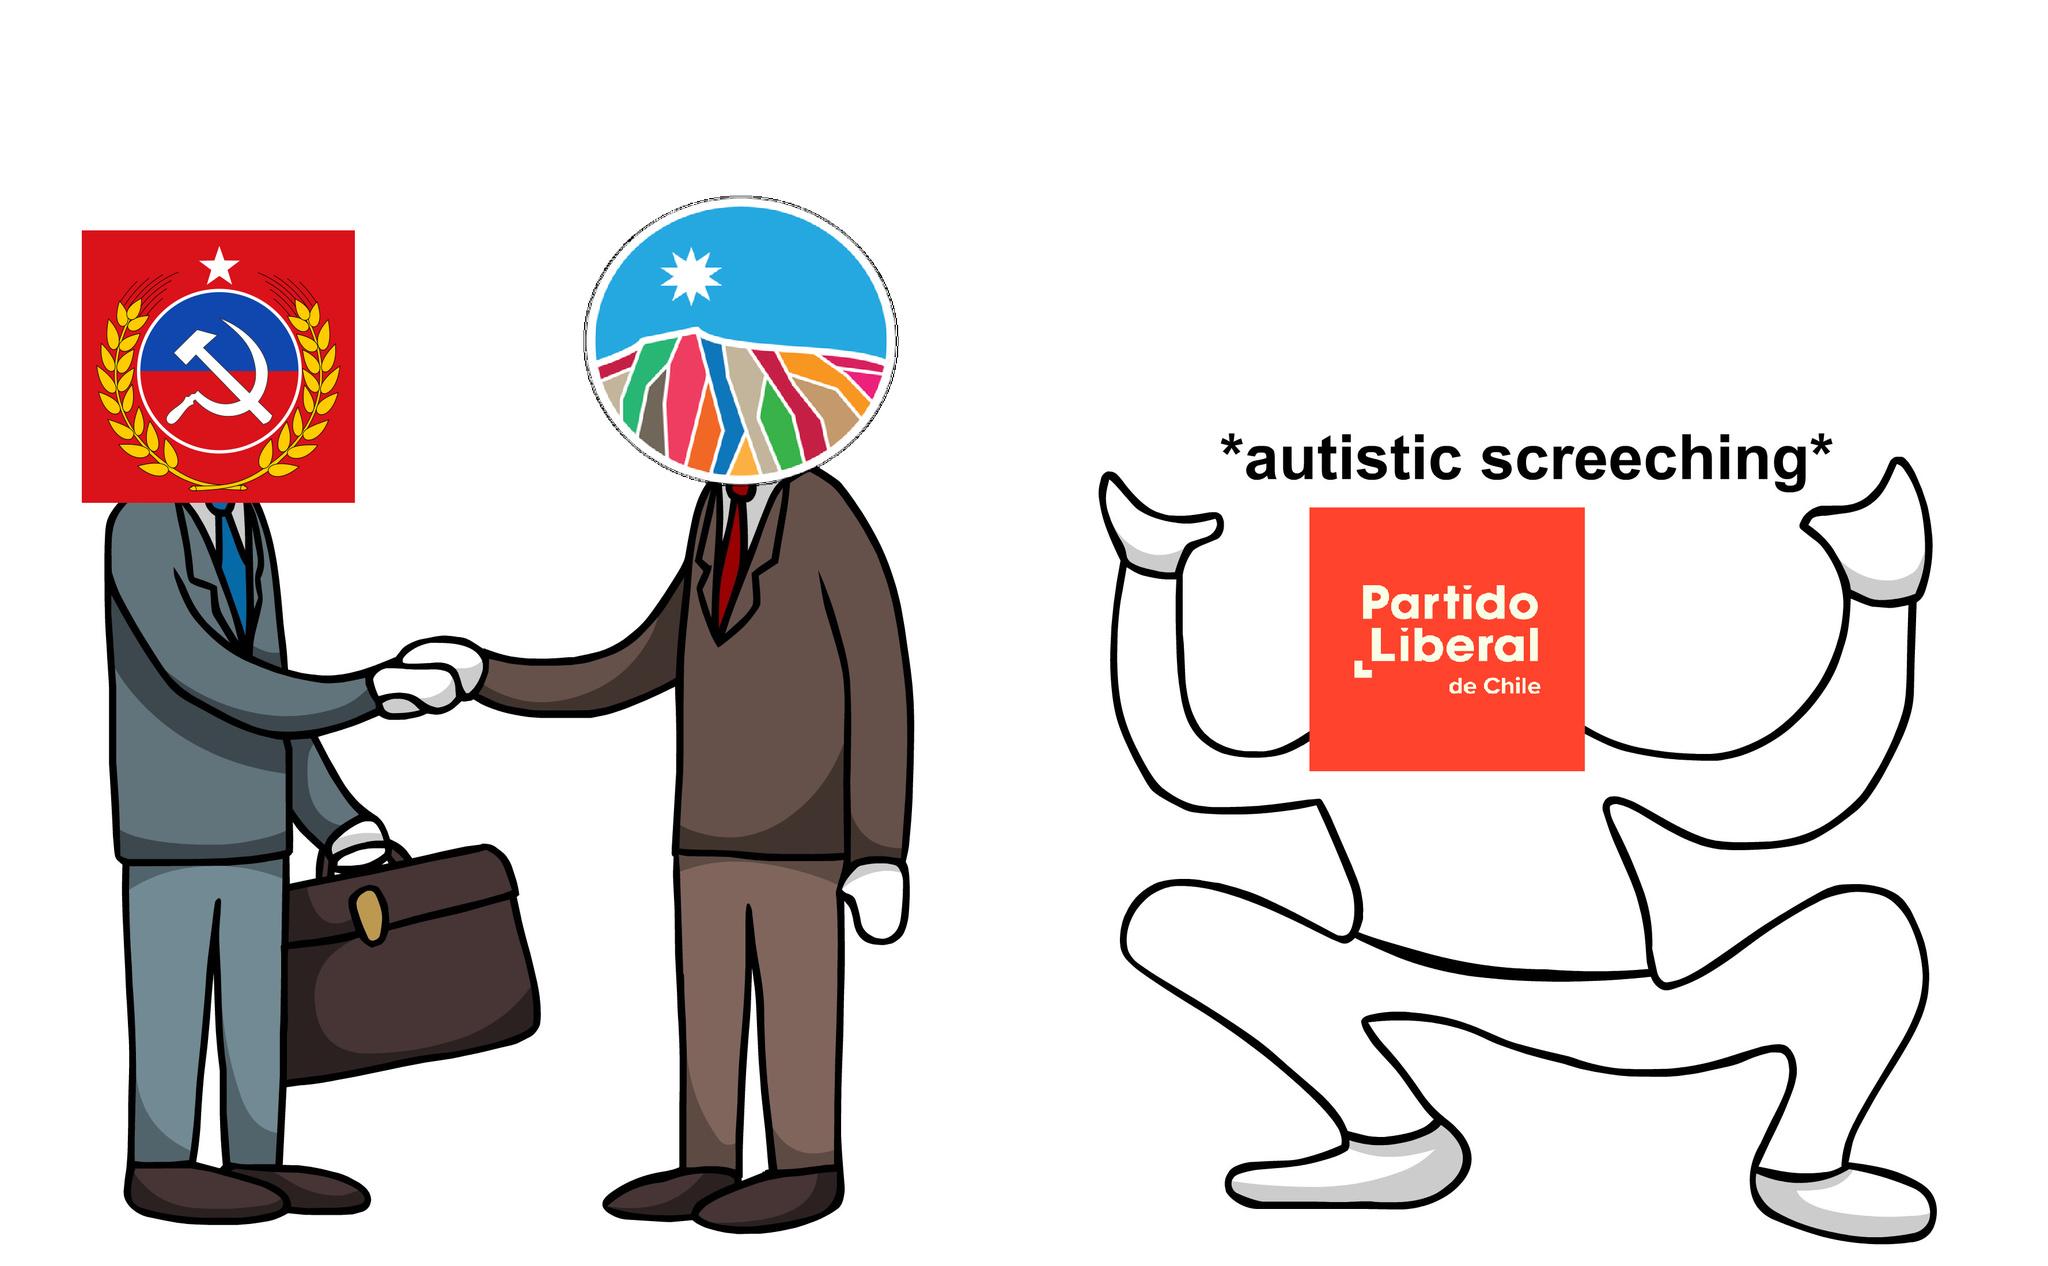 Meme político chileno